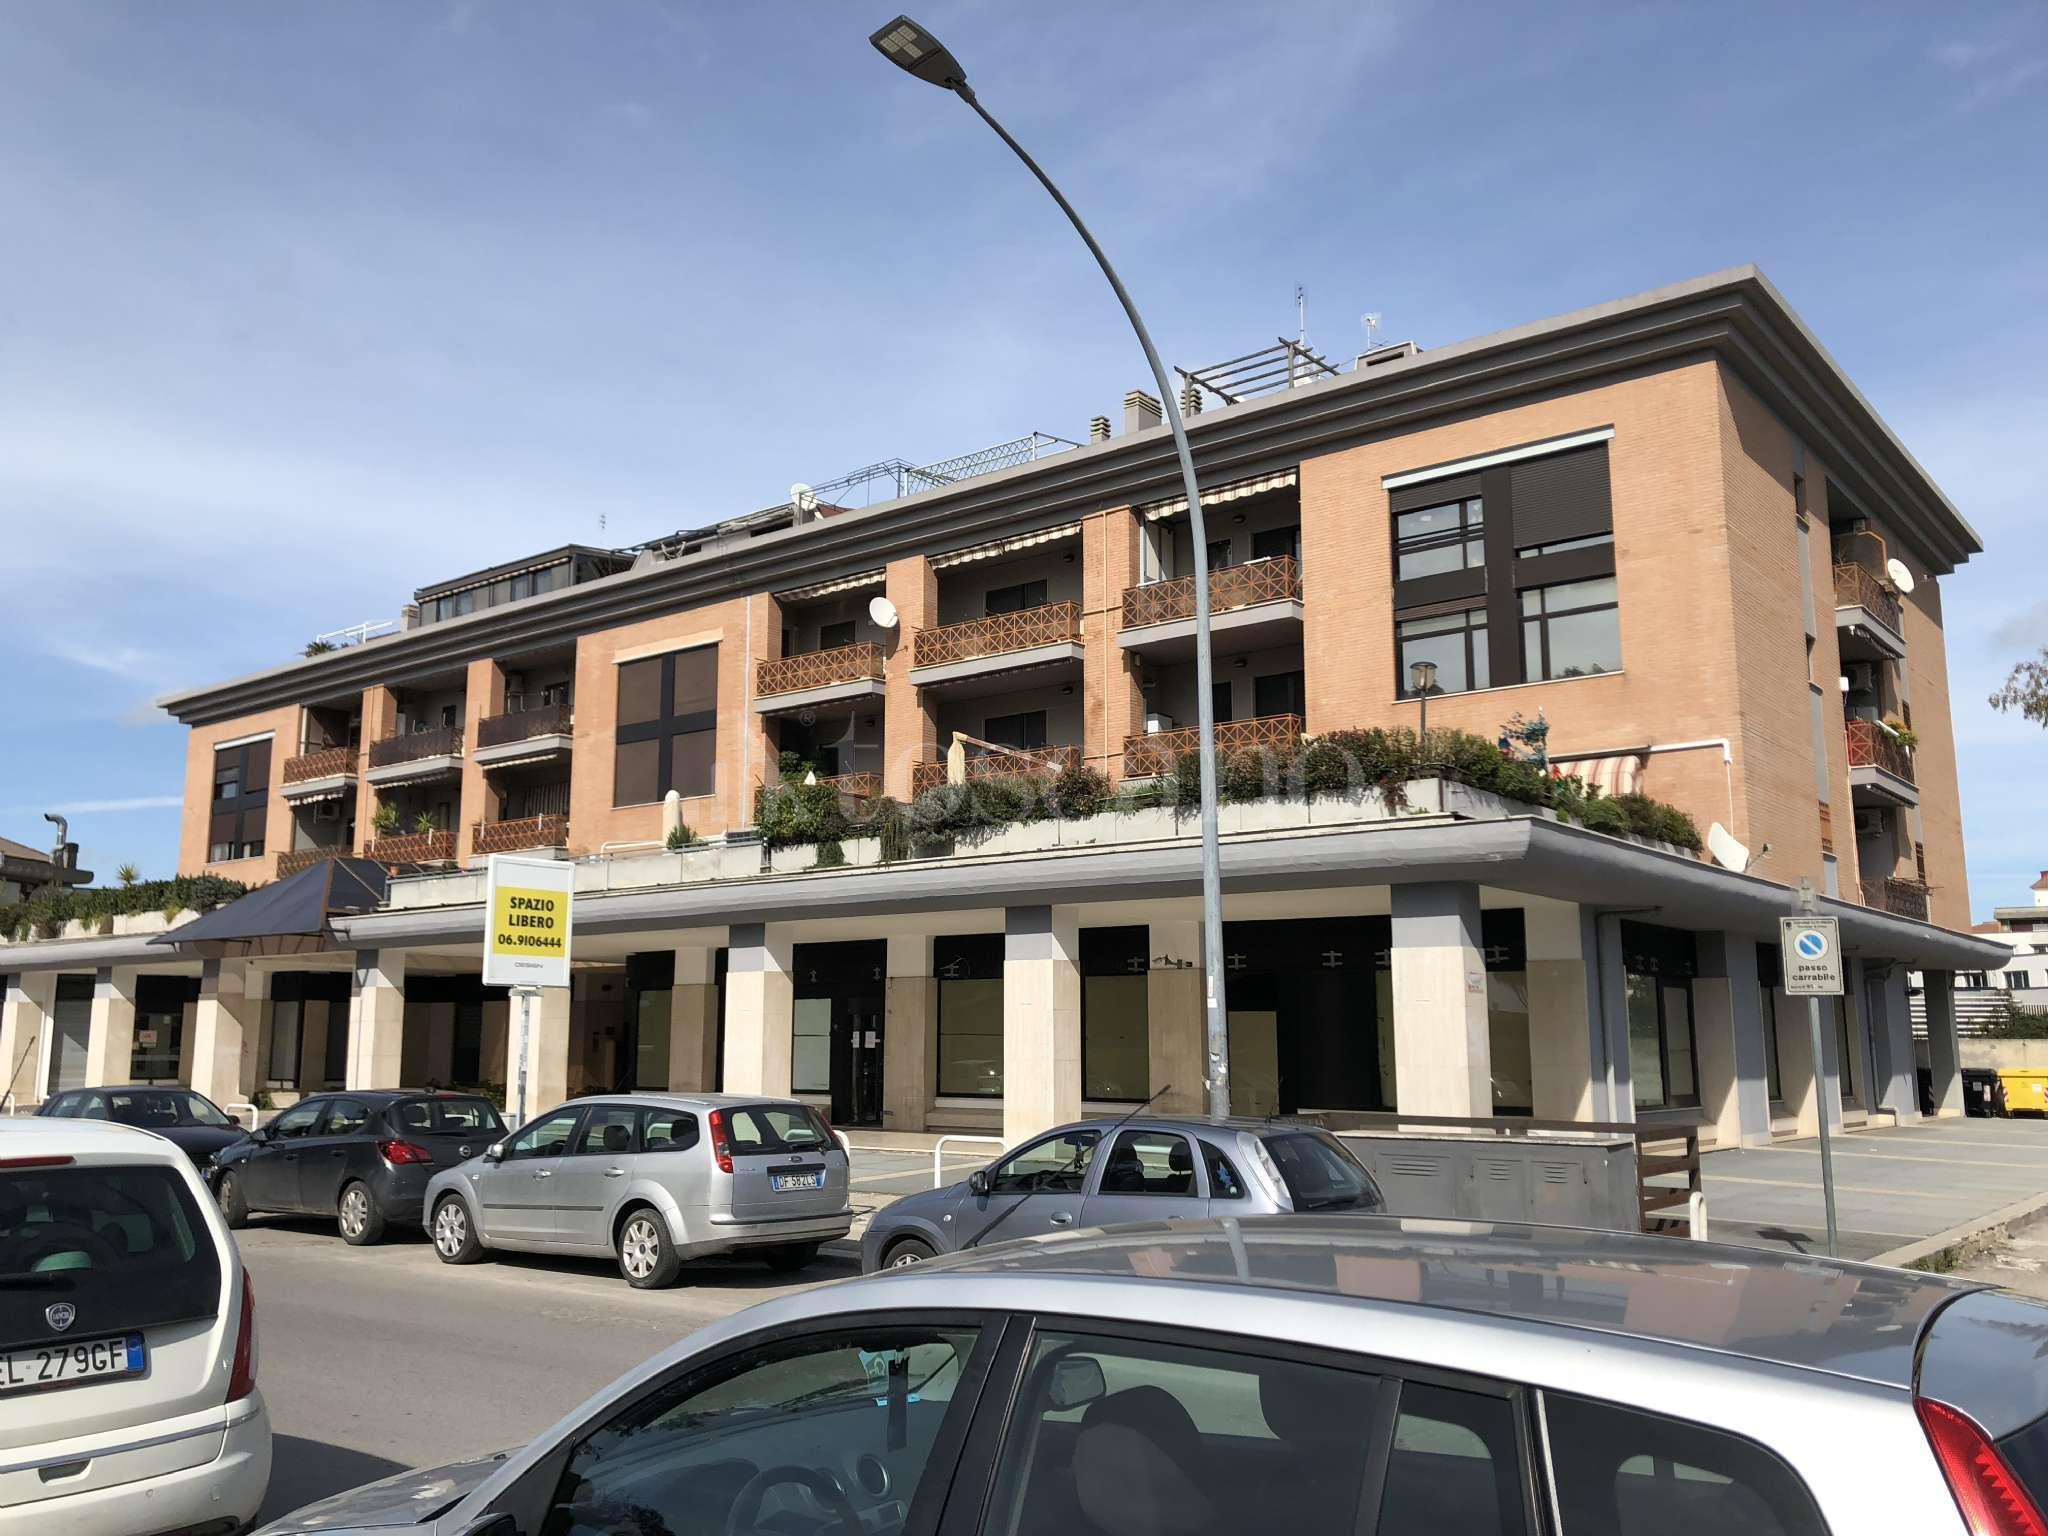 Casa in vendita di 115 mq a €225.000 (rif. 30/2021)